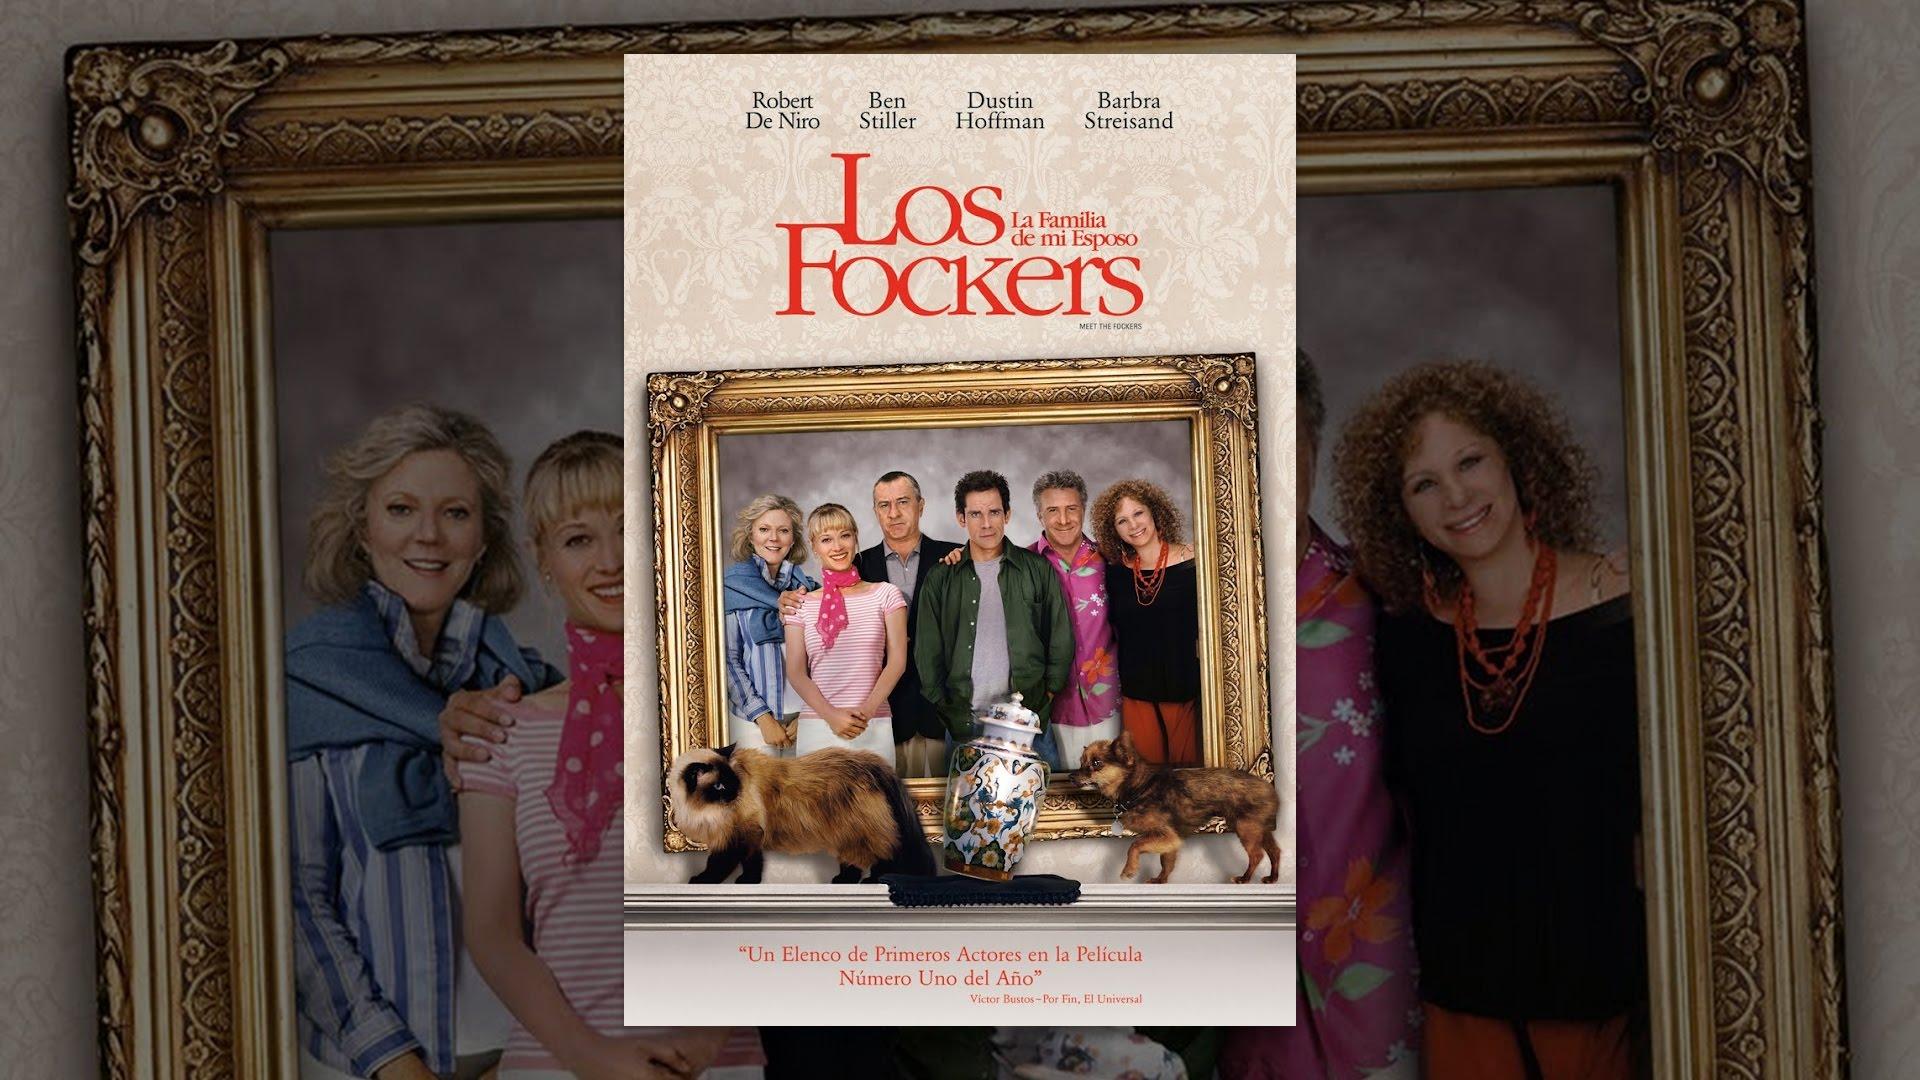 Los Fockers: La Familia de Mi Esposo - YouTube